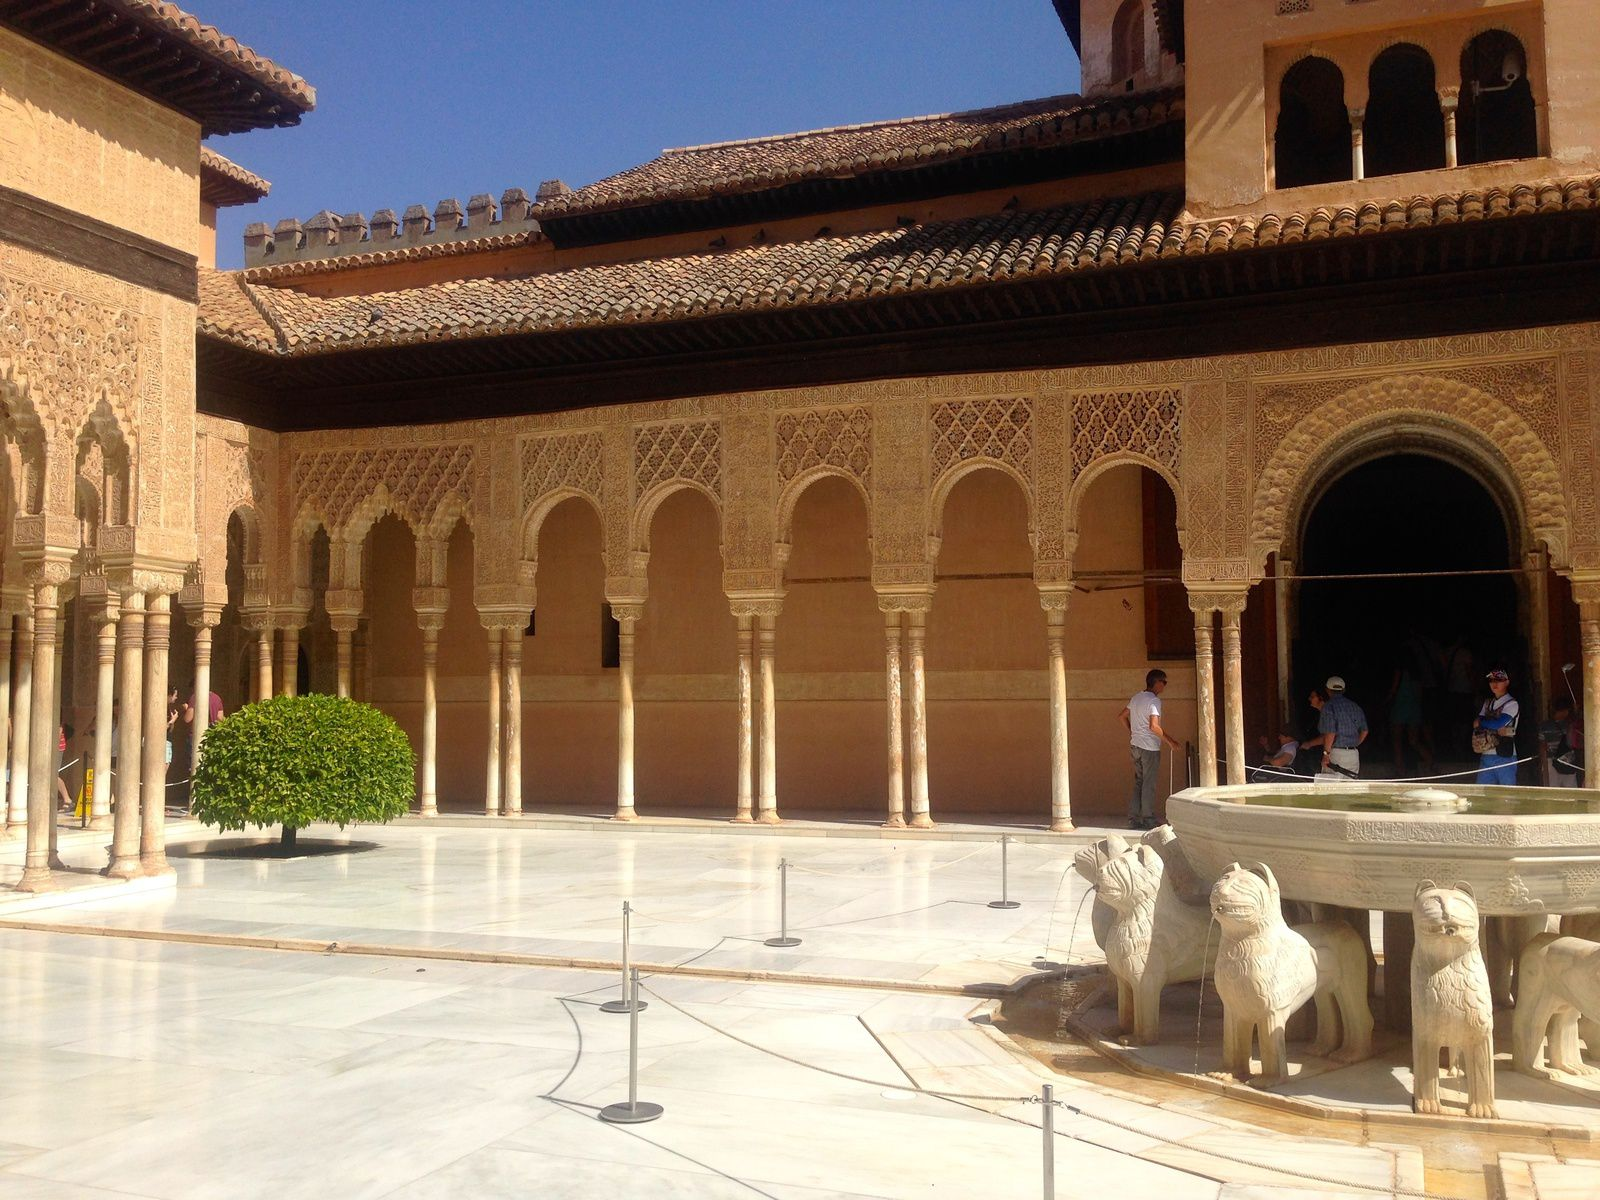 Palais des Lions